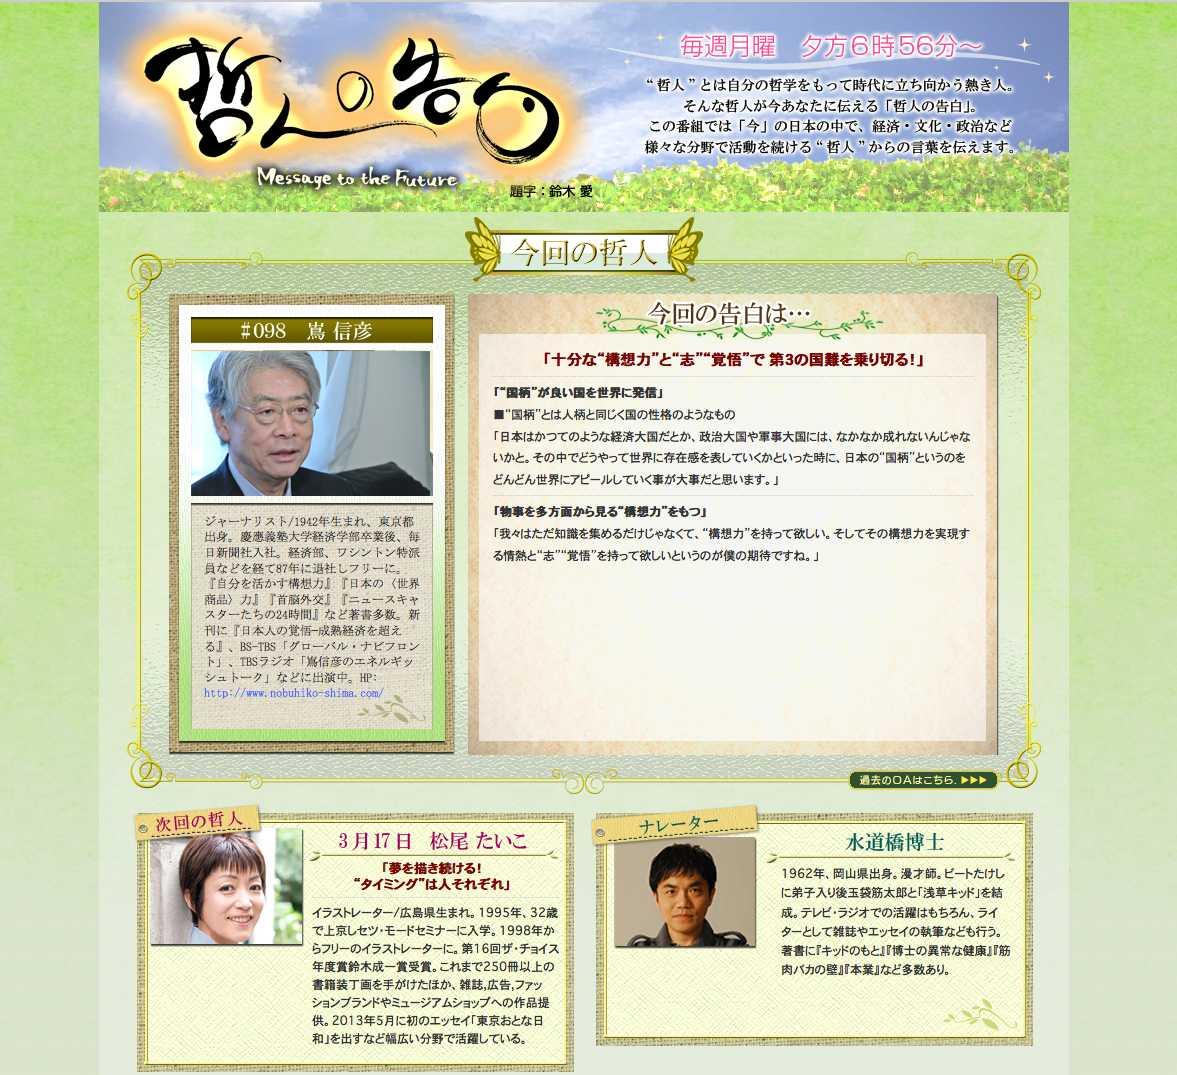 3/17(月)18:56~TV出演します:名古屋テレビ「哲人の告白」_d0339885_13015791.png